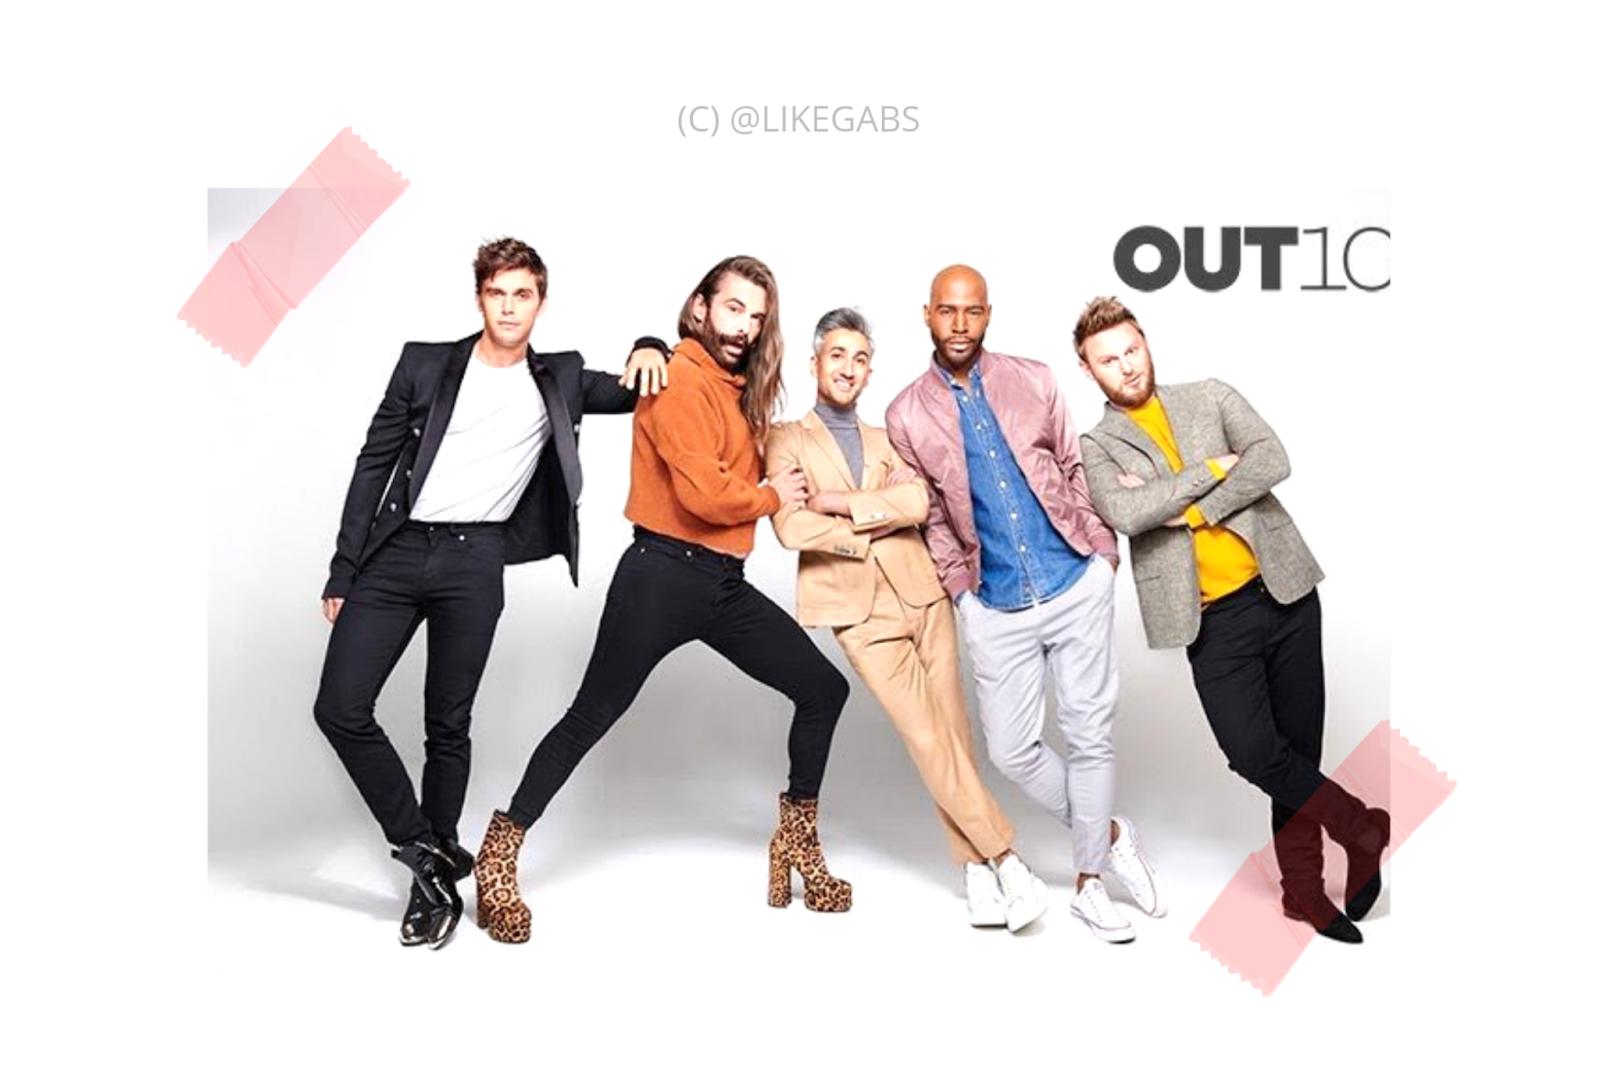 SÉRIES | 5 lições sobre autocuidado e saúde mental com Queer Eye